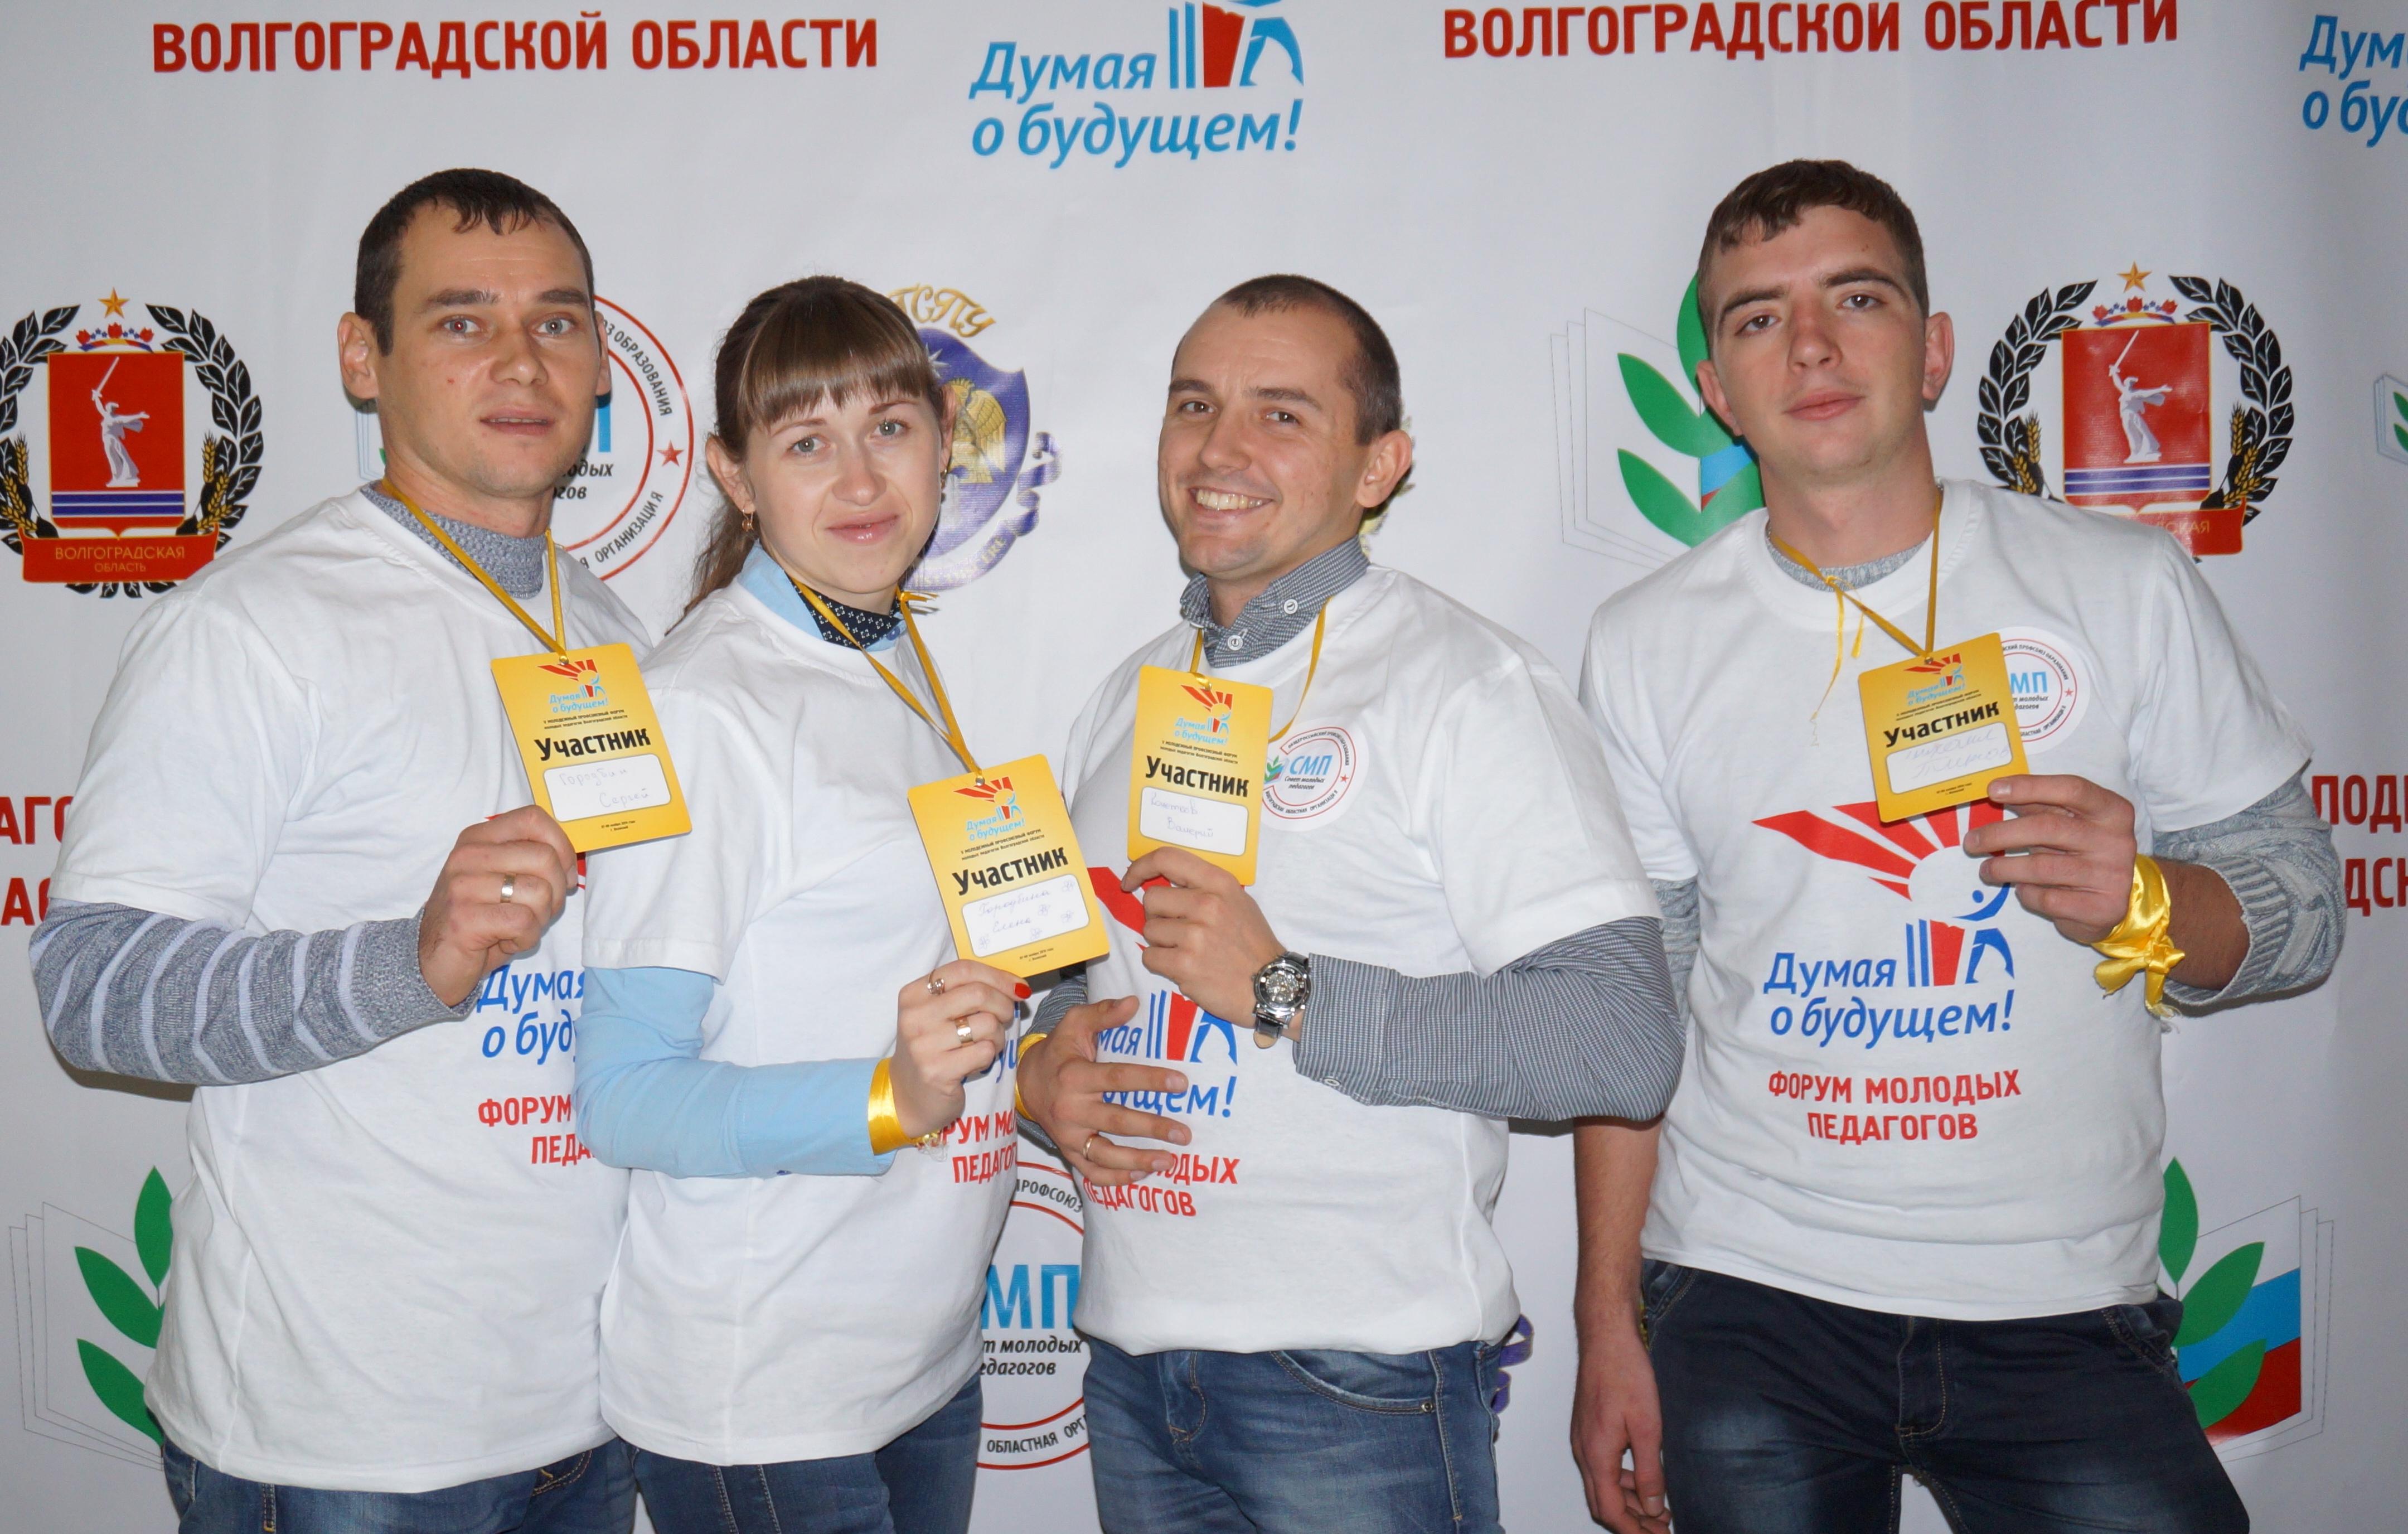 http://rono-novoan.edusite.ru/images/dsc07368.jpg